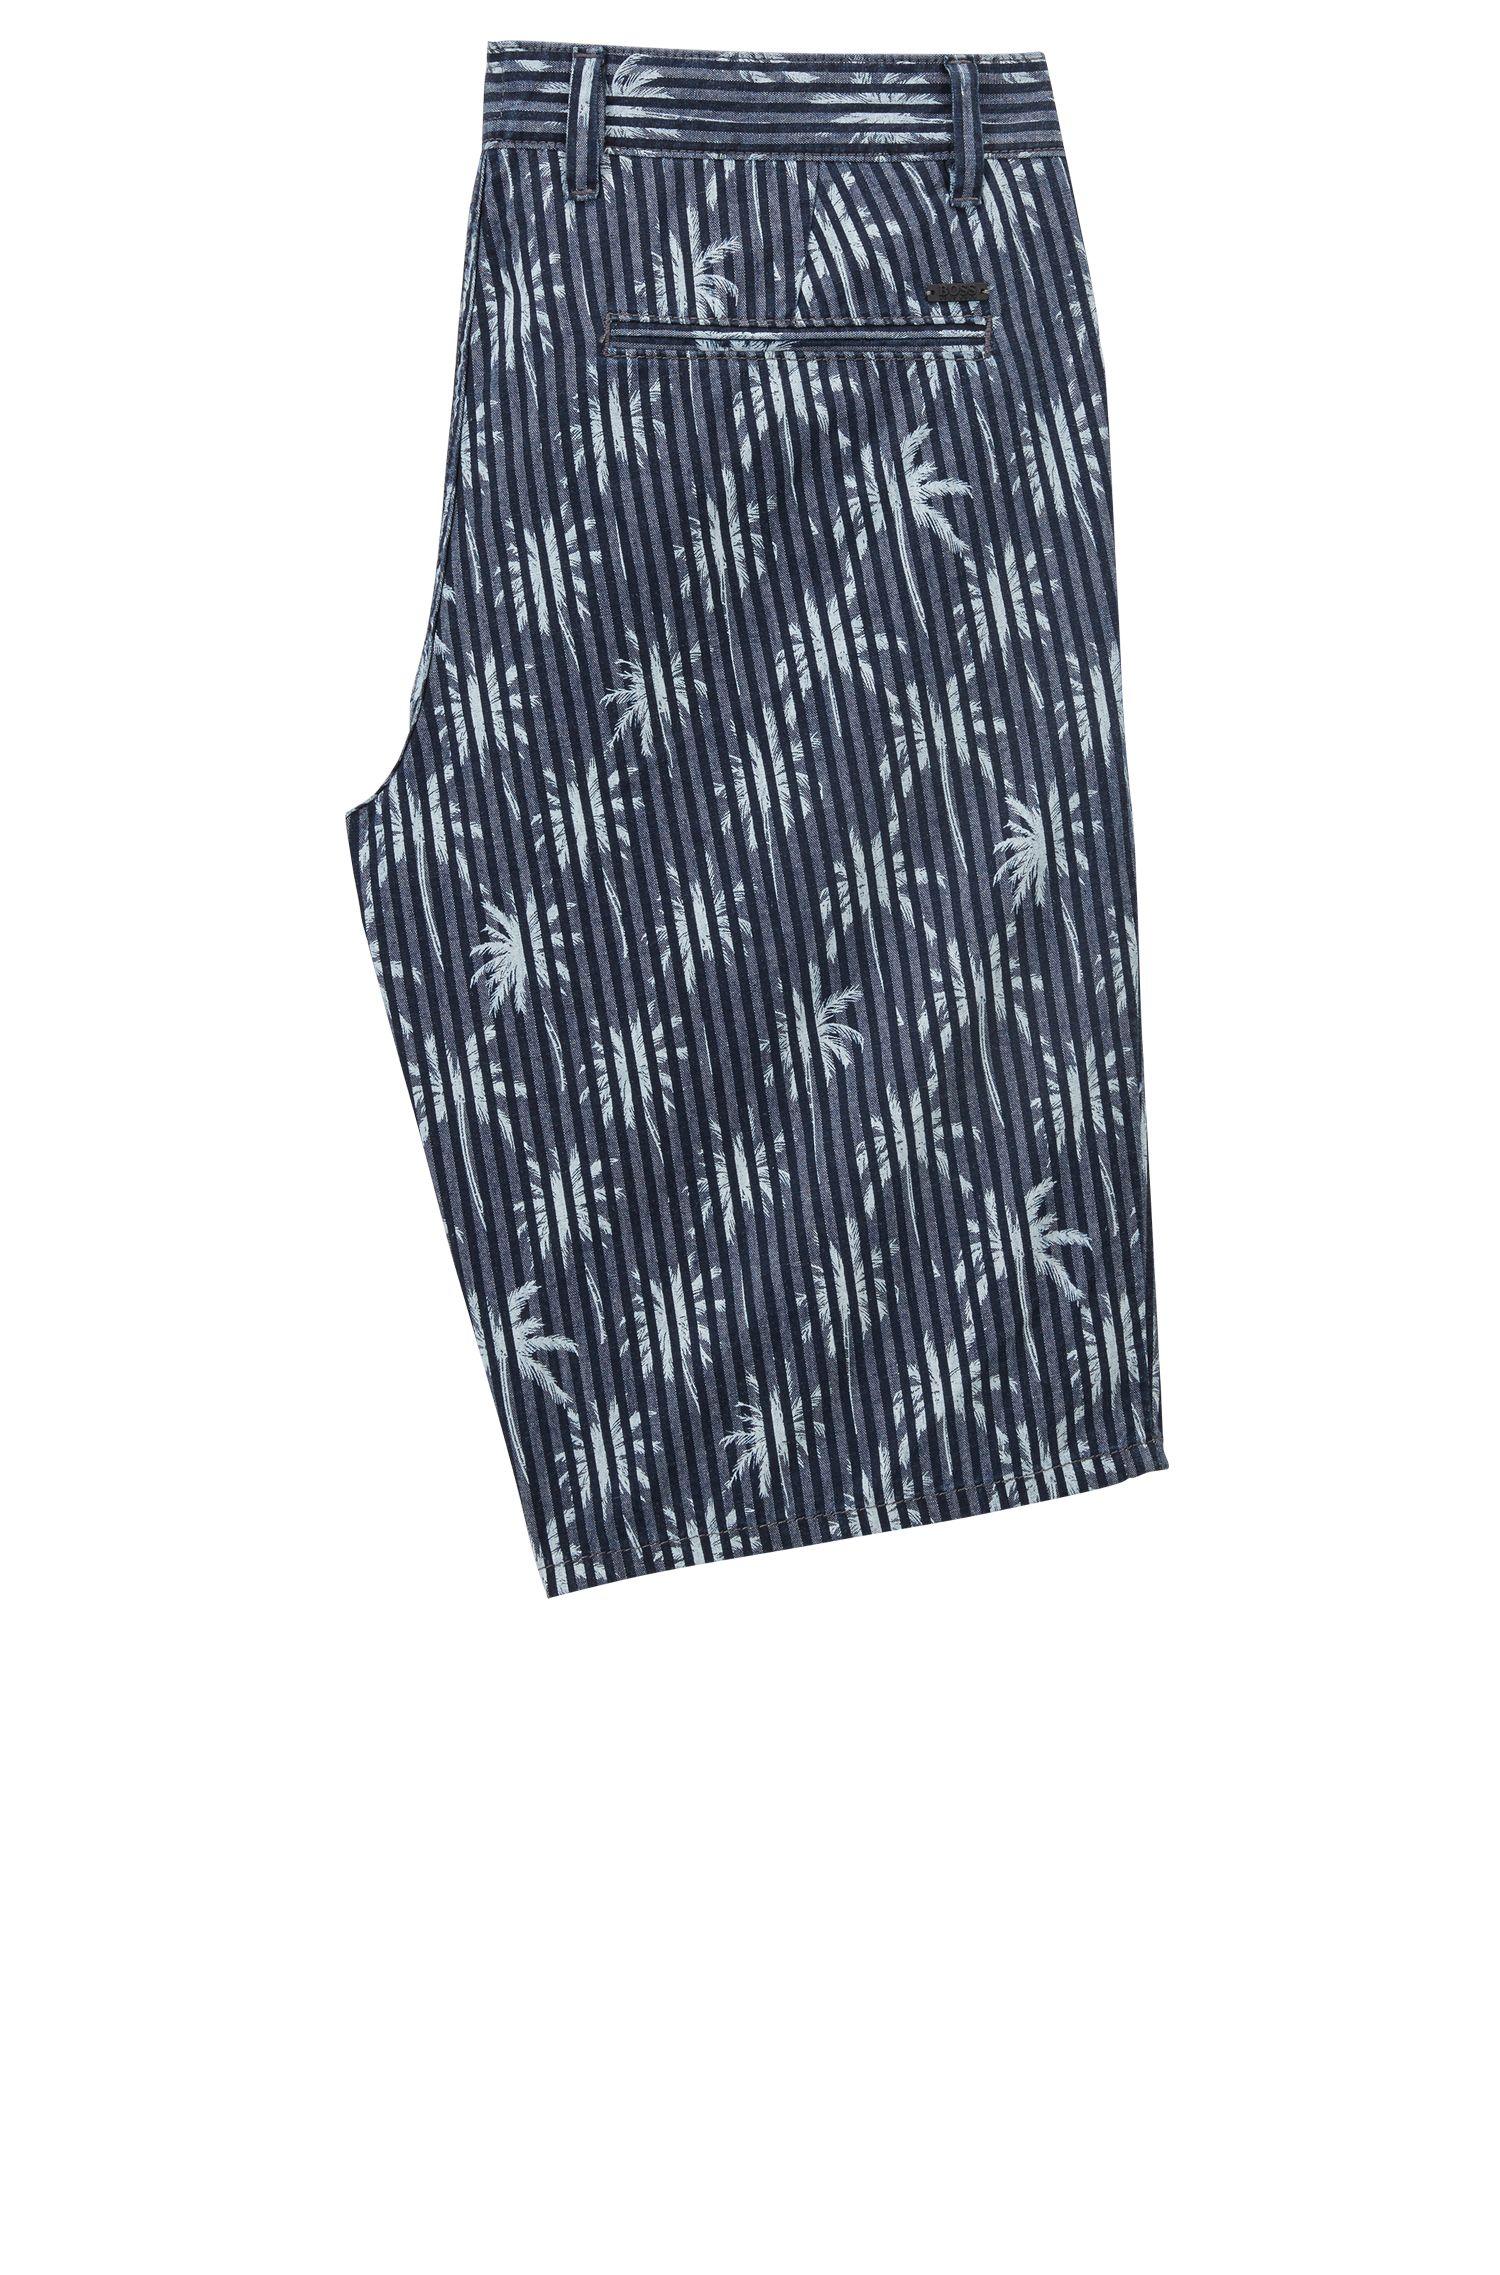 Pantaloncini in cotone Oxford con palme stampate, Blu scuro